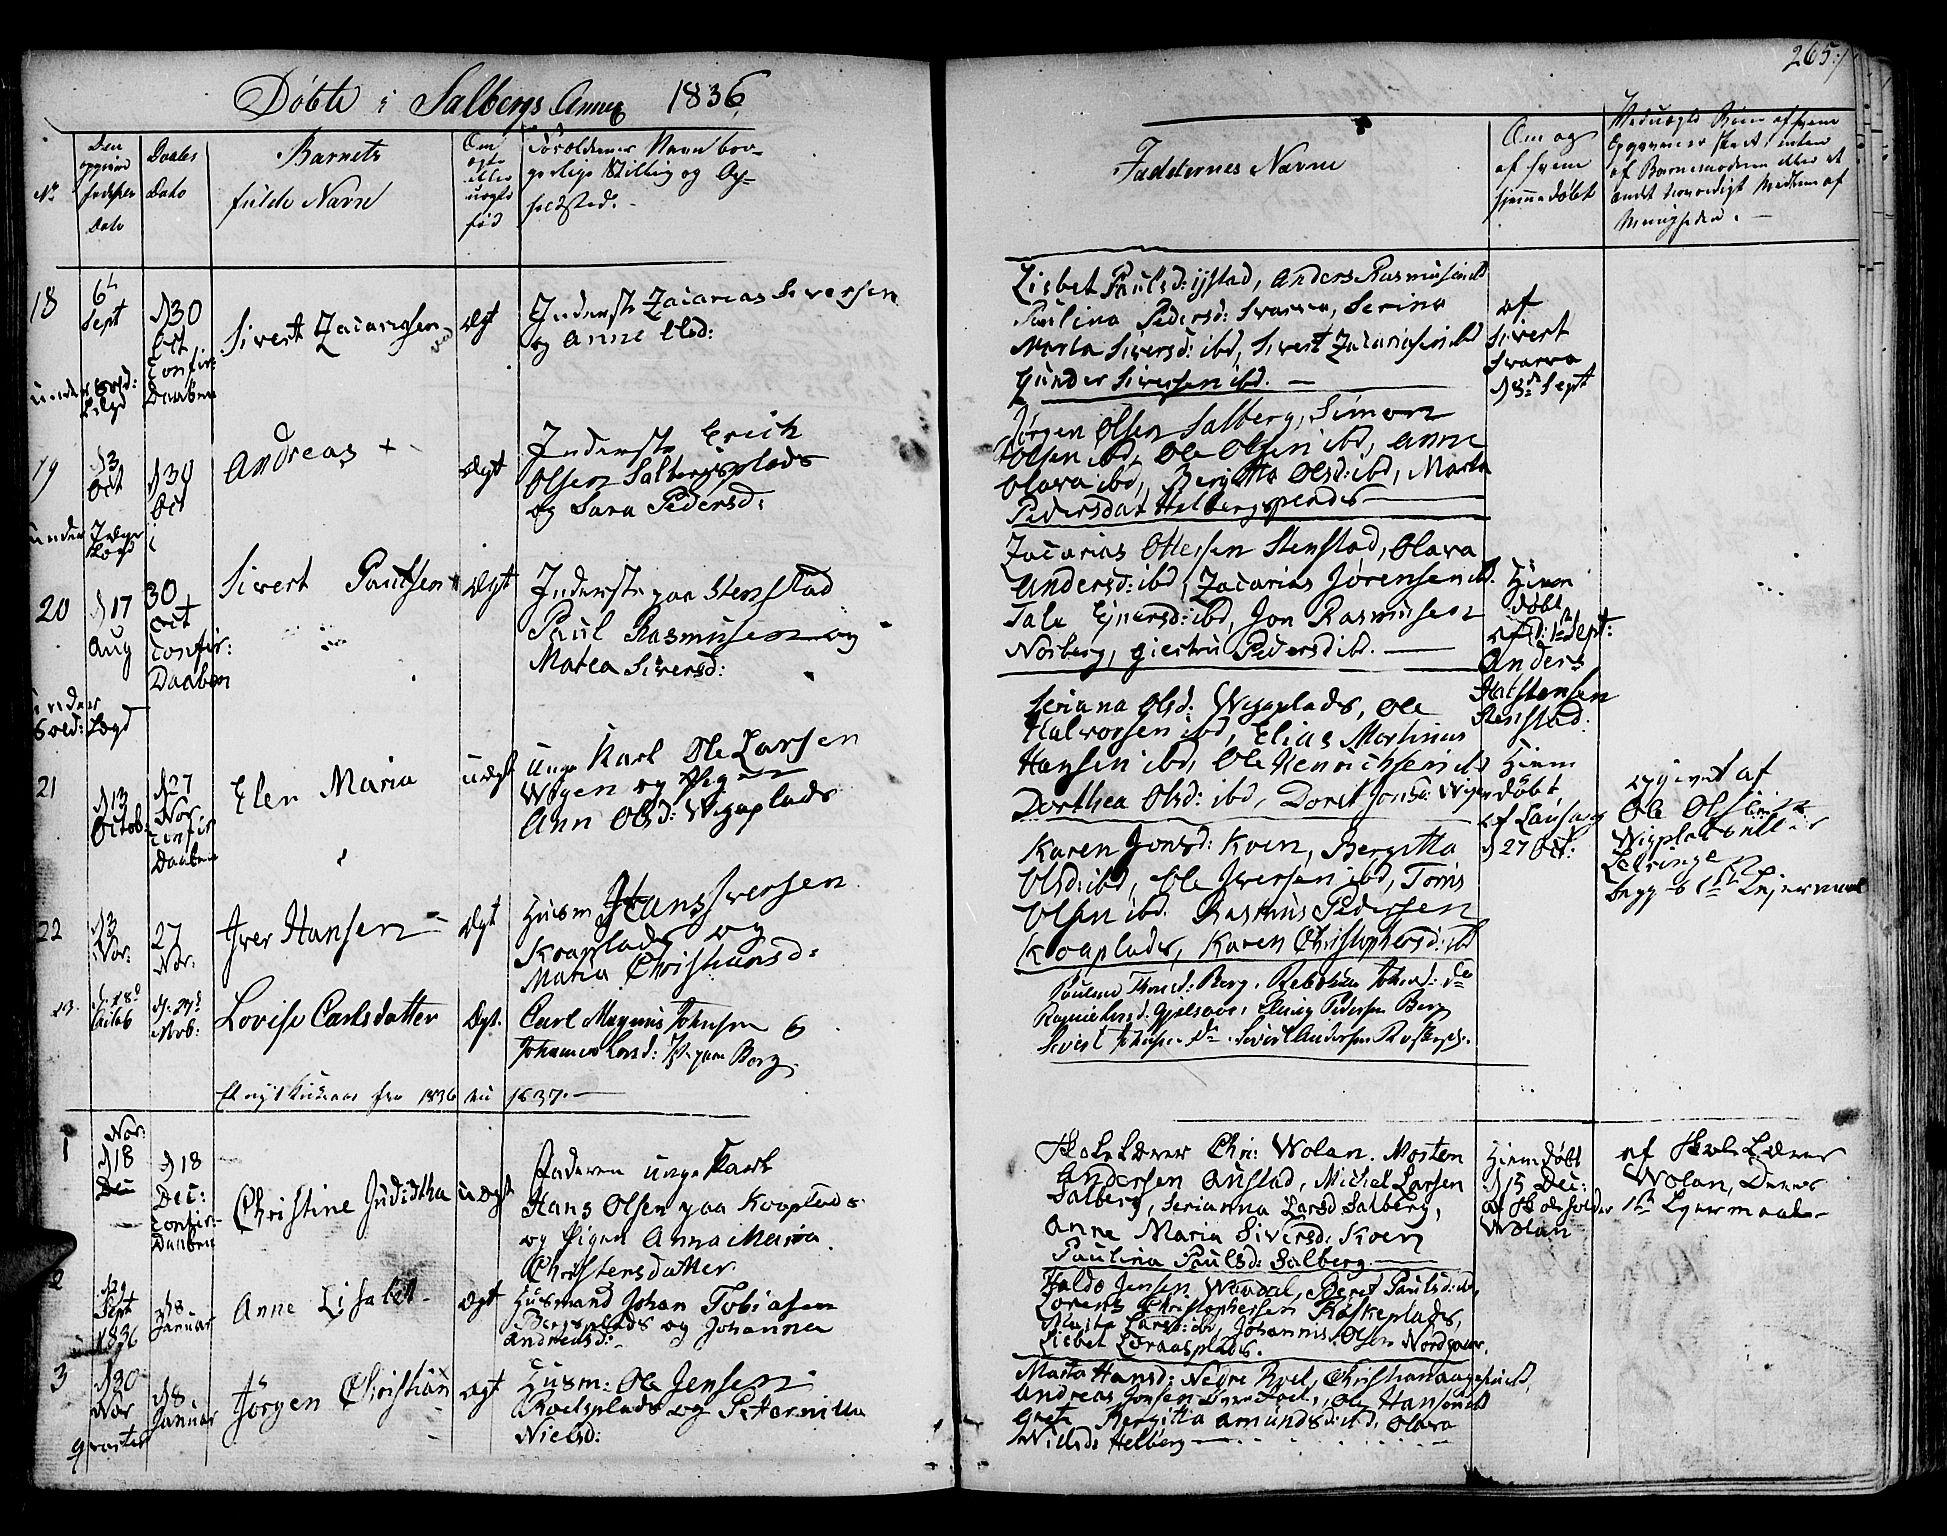 SAT, Ministerialprotokoller, klokkerbøker og fødselsregistre - Nord-Trøndelag, 730/L0277: Ministerialbok nr. 730A06 /2, 1831-1839, s. 265